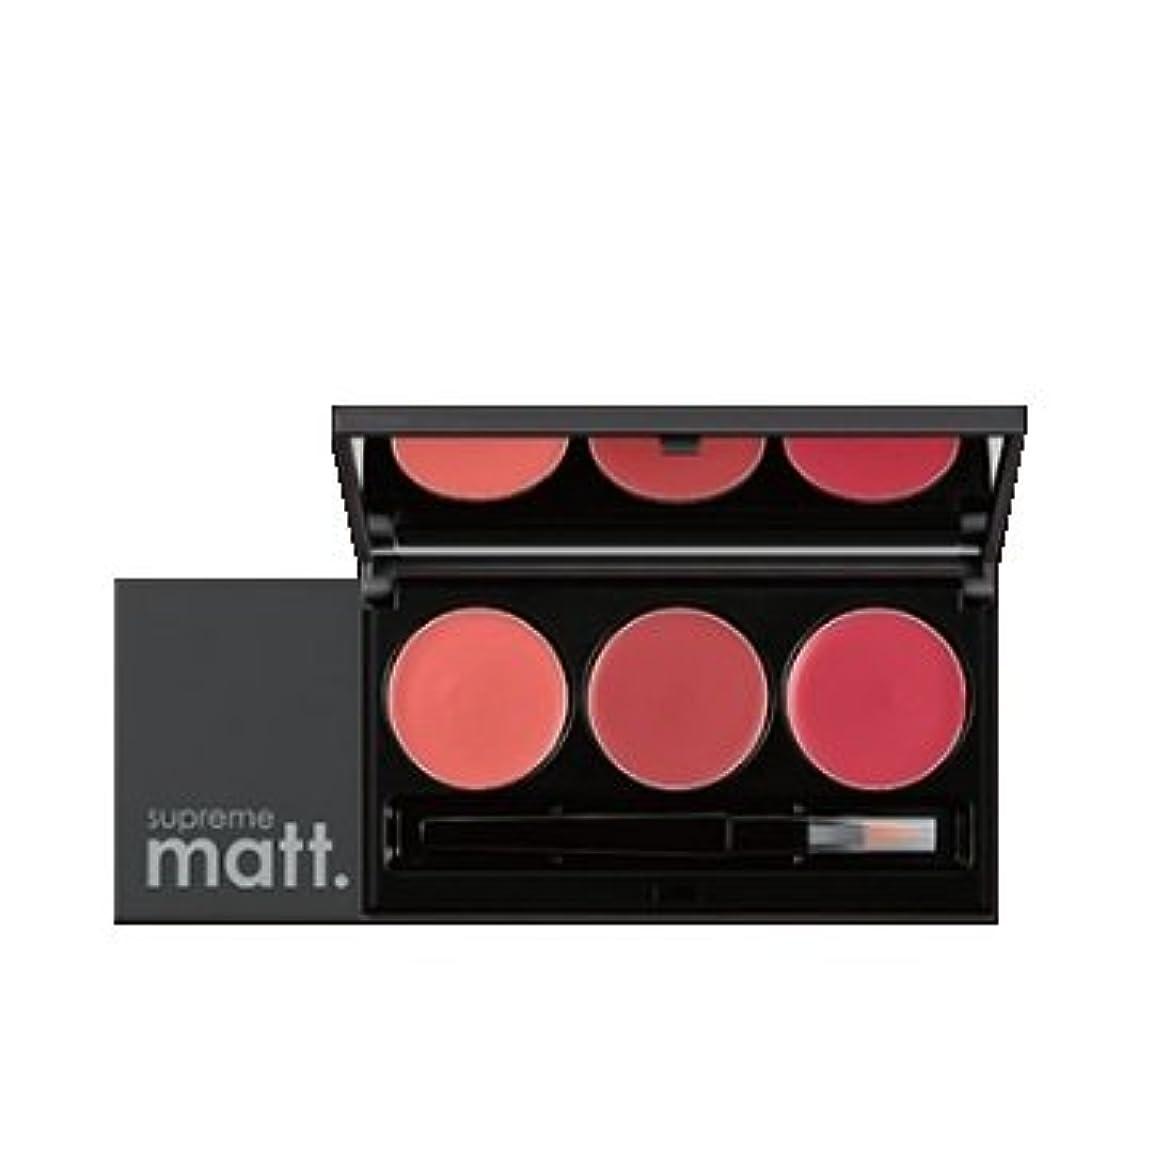 前けがをする仲良し[サンプル] MISSHA Supreme Matt Lip Rouge Lip Palette / ミシャ シュープリームマットリップルージュリップパレット [並行輸入品]